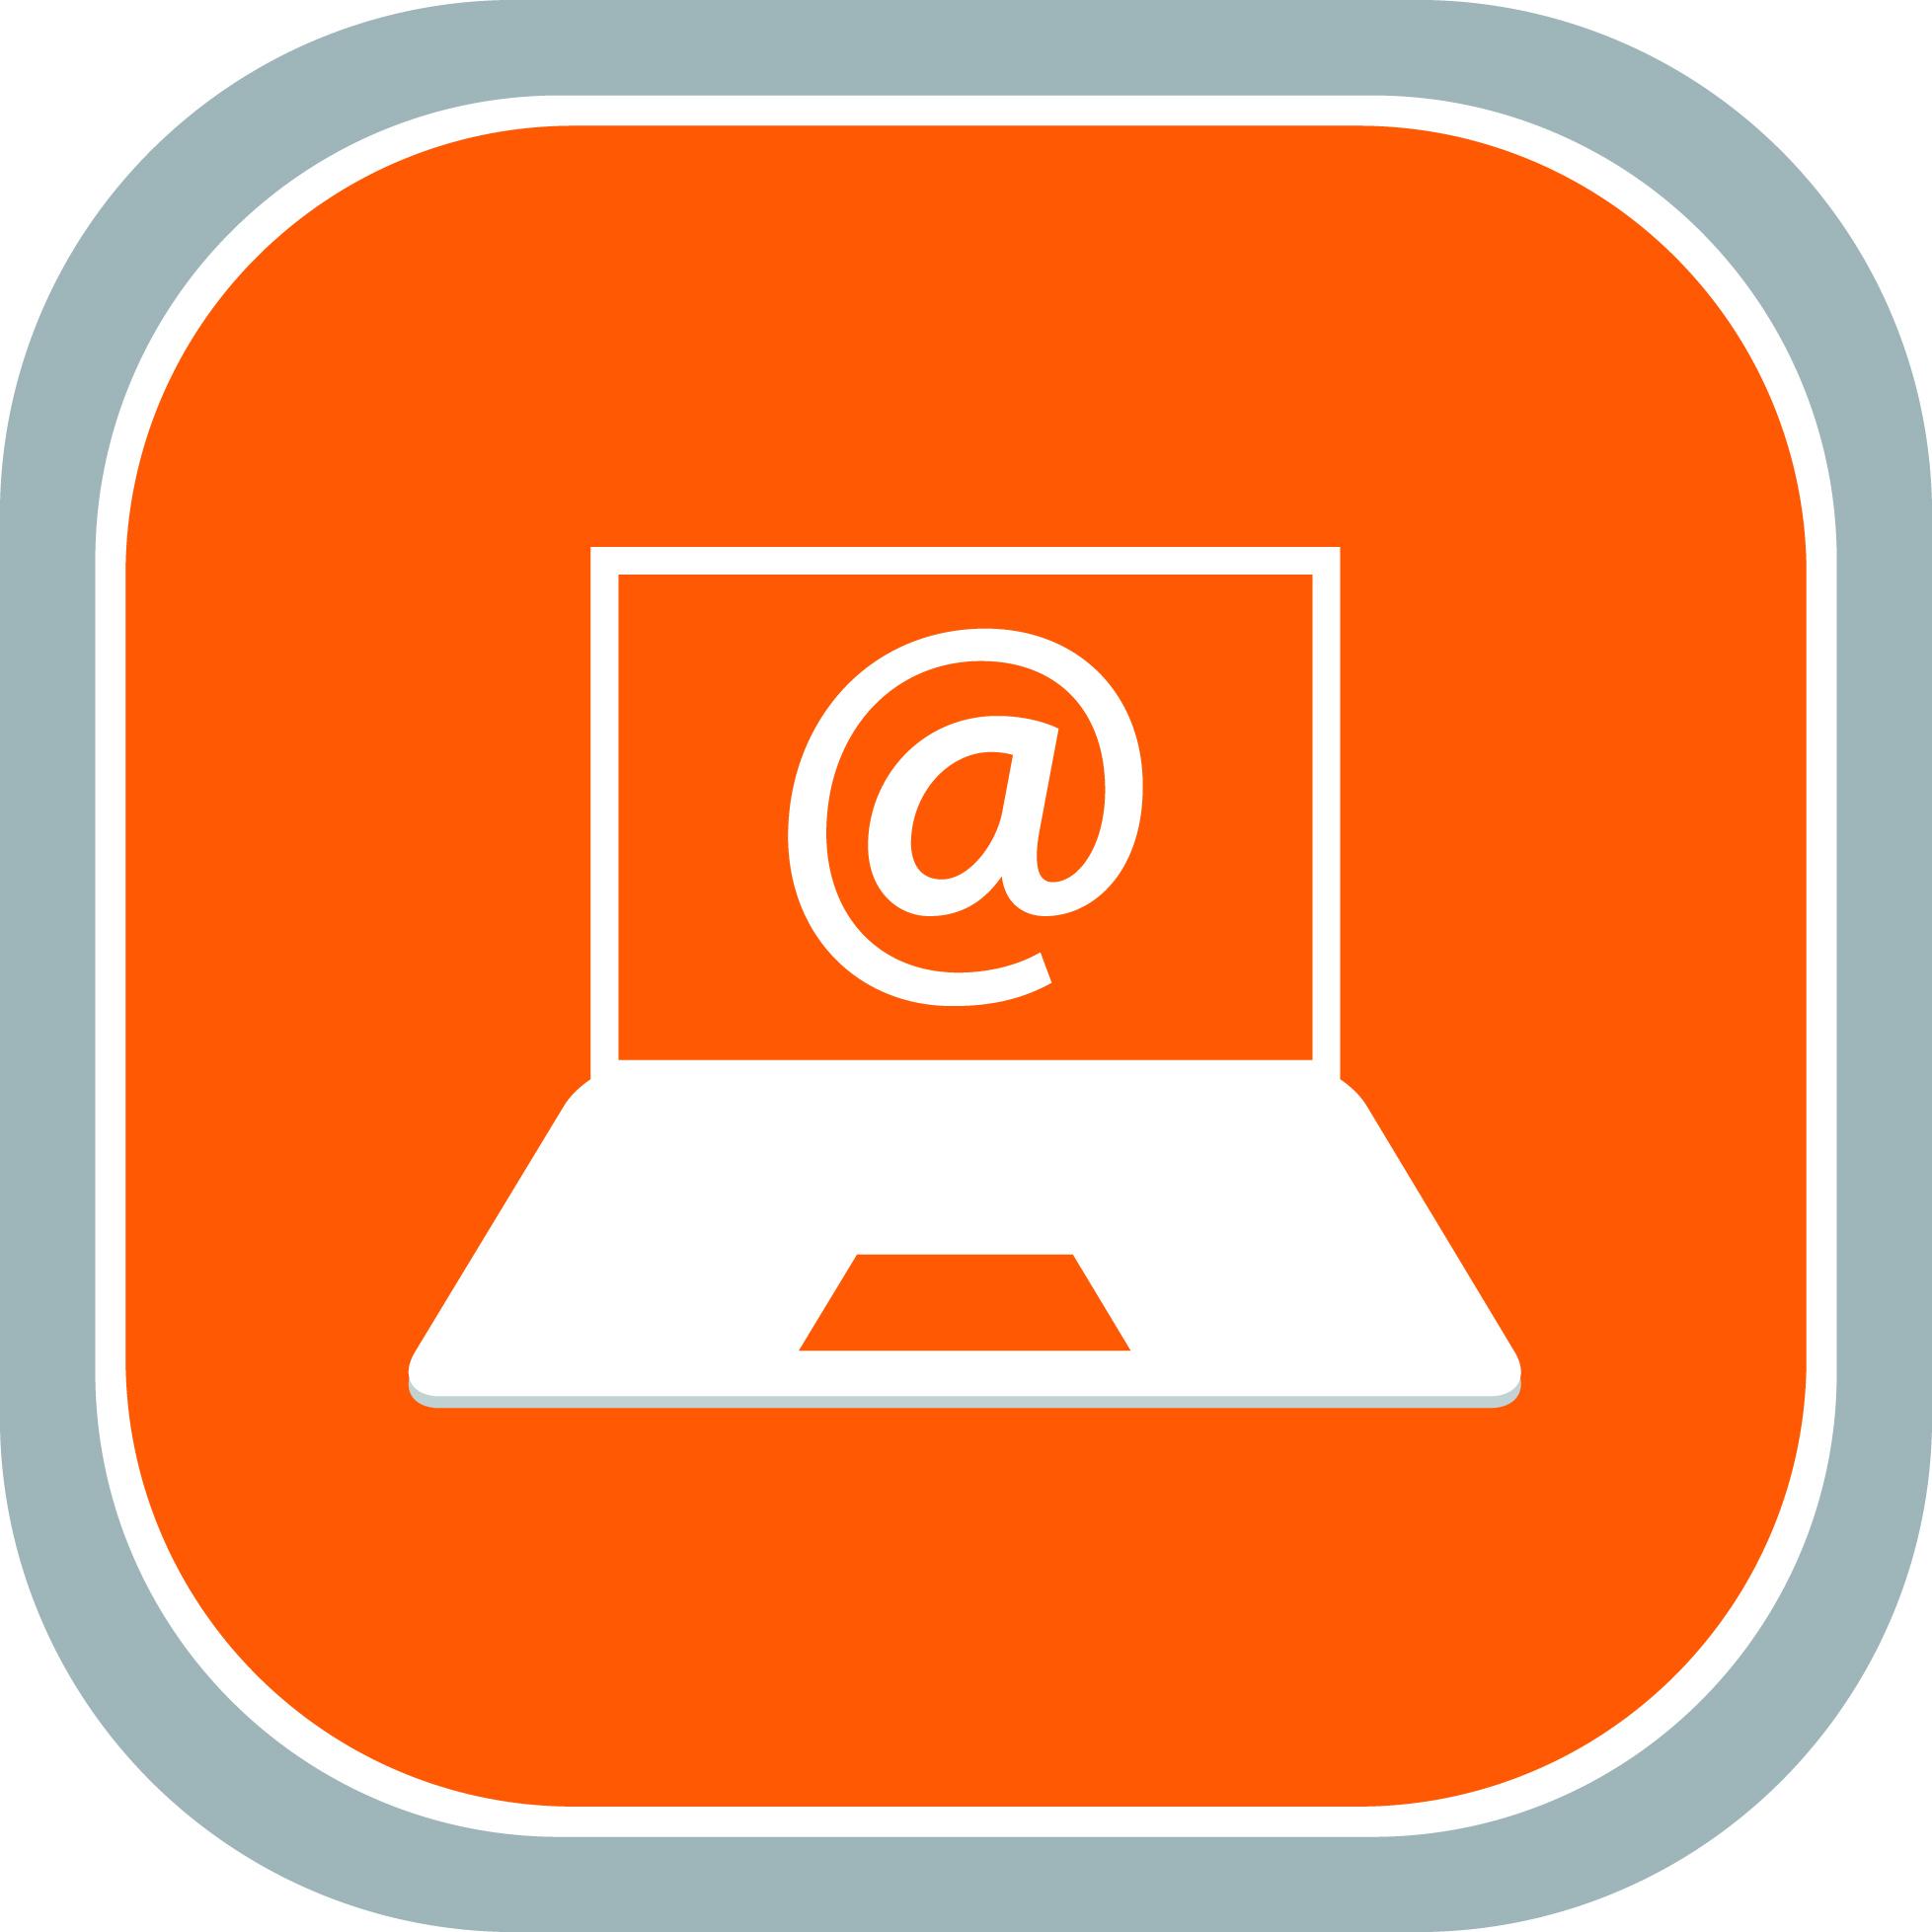 sx07631_Icons_Online_Services_simp